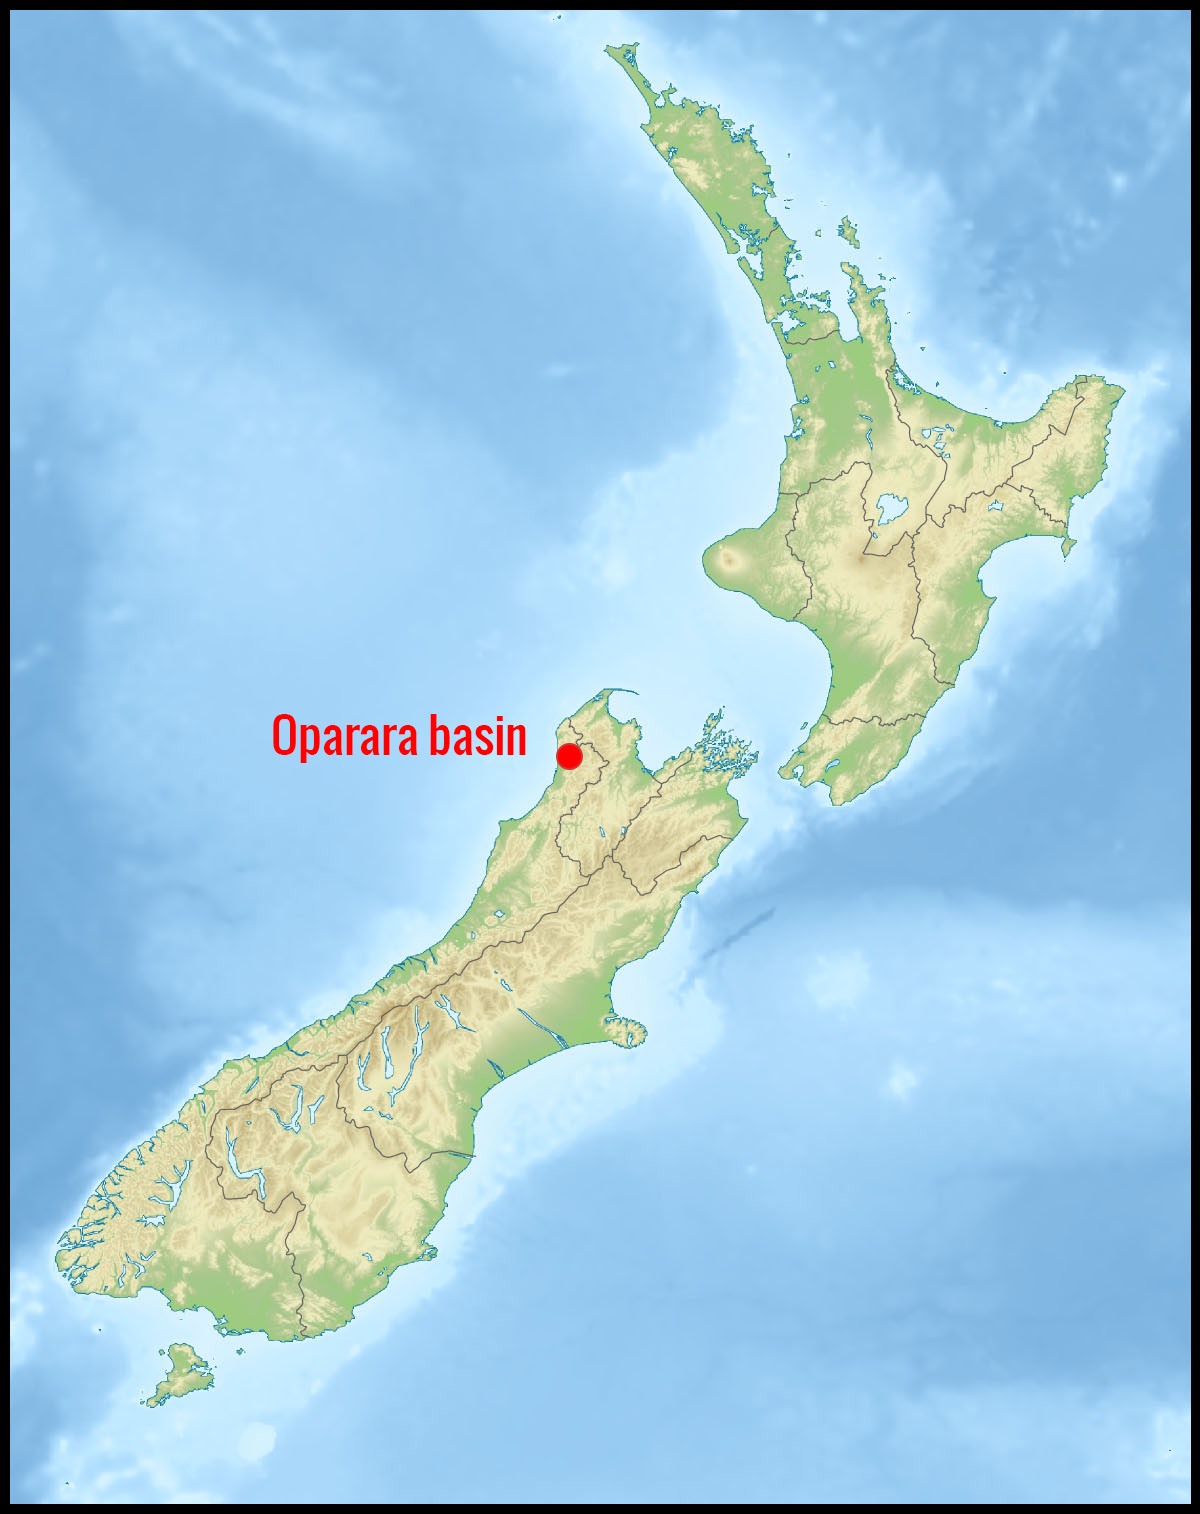 Carte position Oparara basin en Nouvelle-Zélande